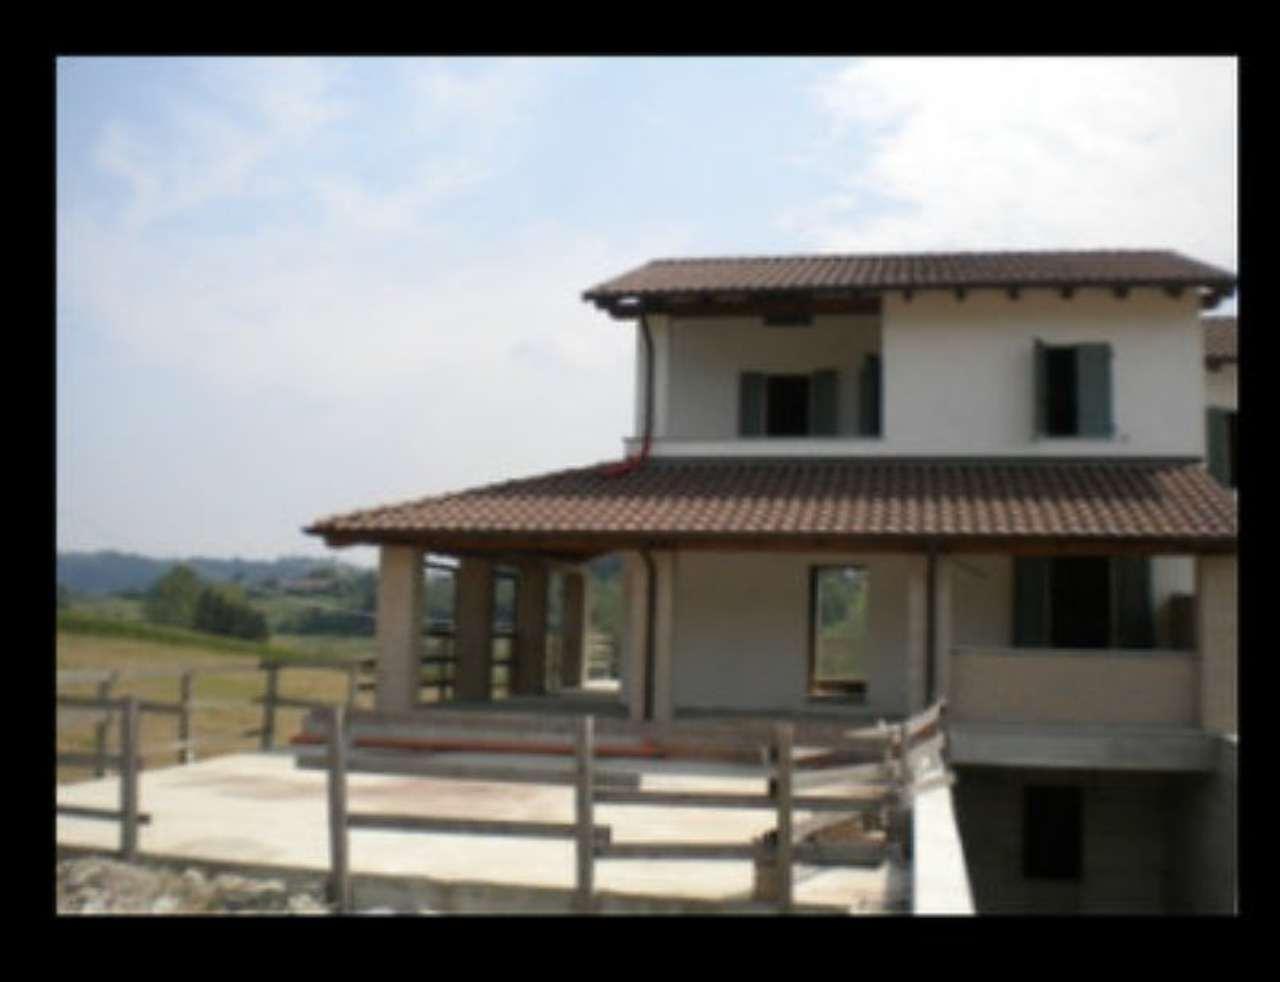 Villa Bifamiliare in vendita a Coniolo, 5 locali, prezzo € 240.000 | Cambio Casa.it